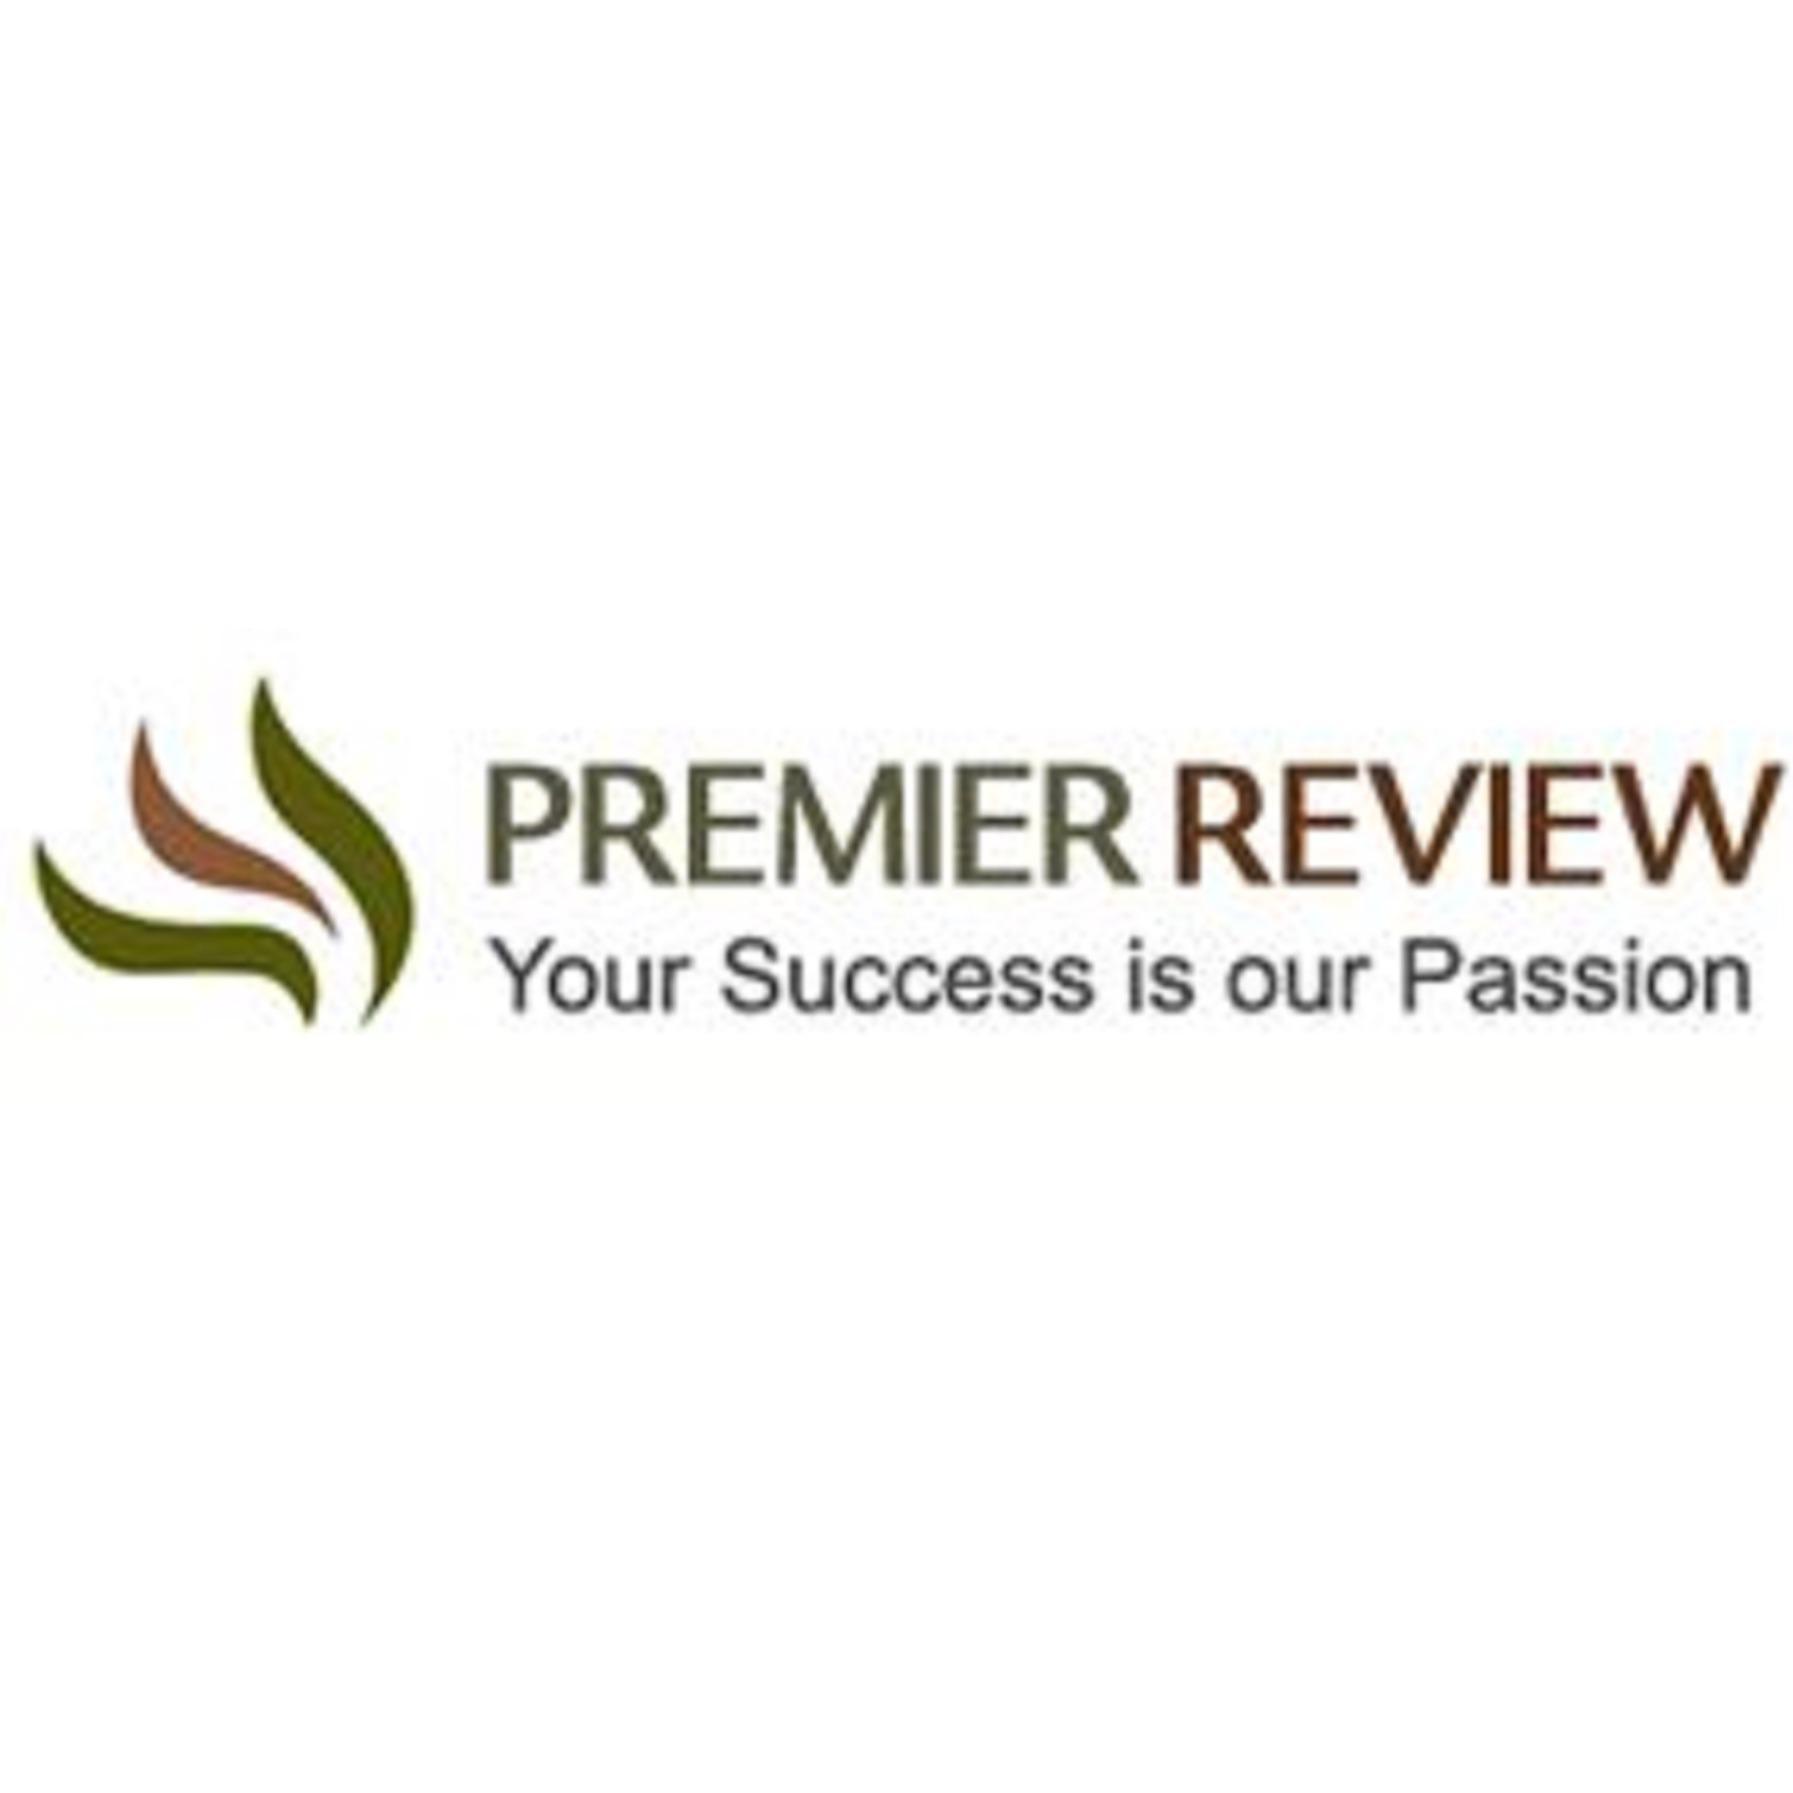 Premier Review